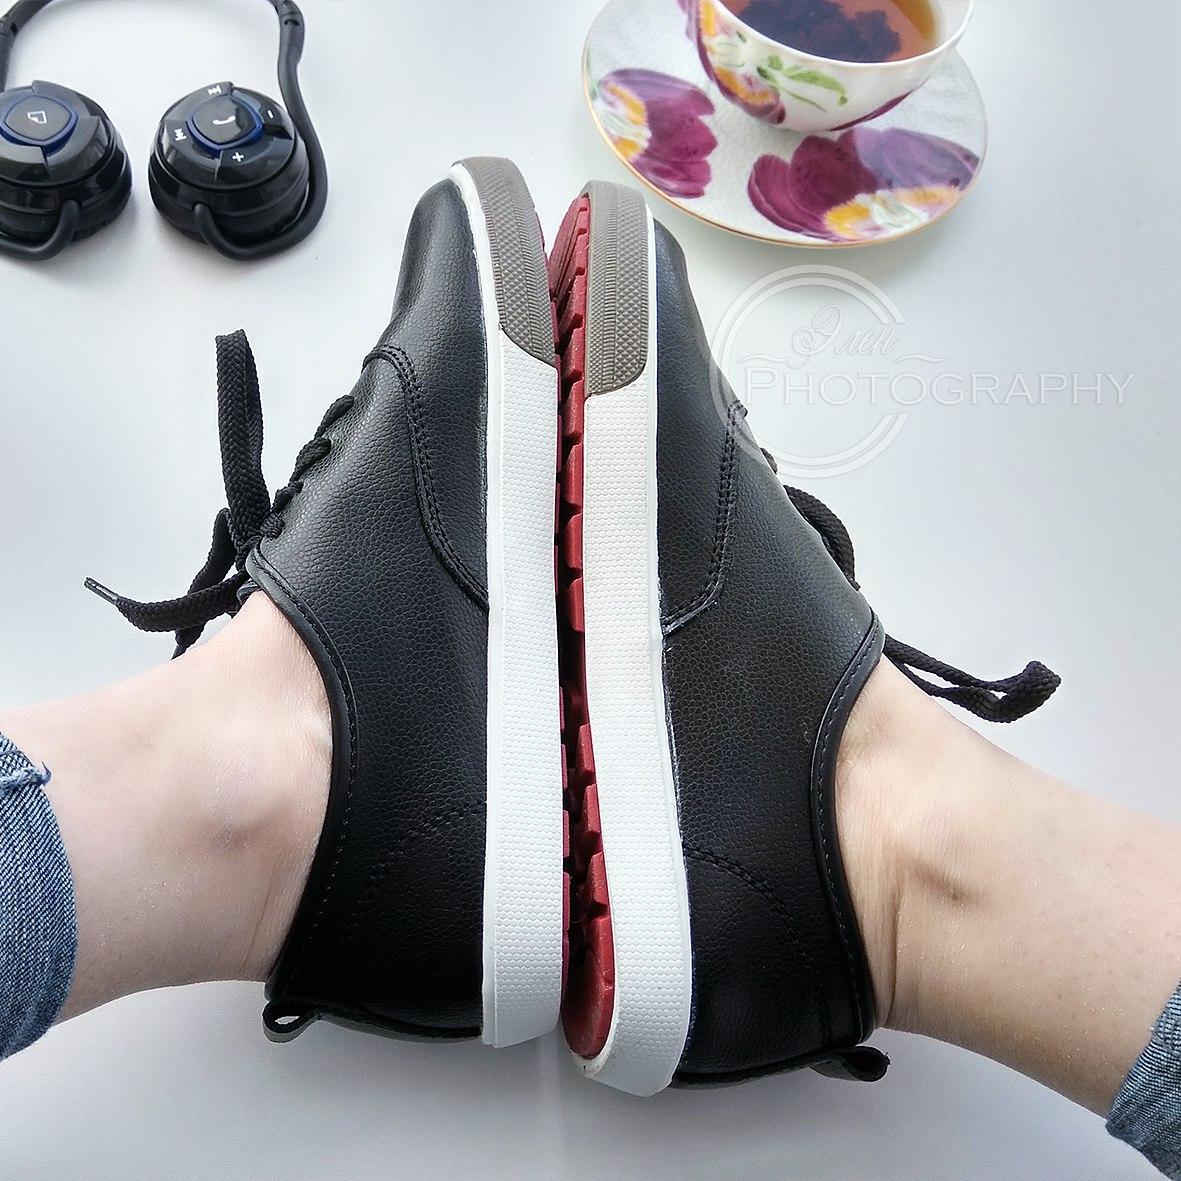 ОЧЕНЬ МЯГКИЕ ботинки от Nysiani за 2326 на момент заказа